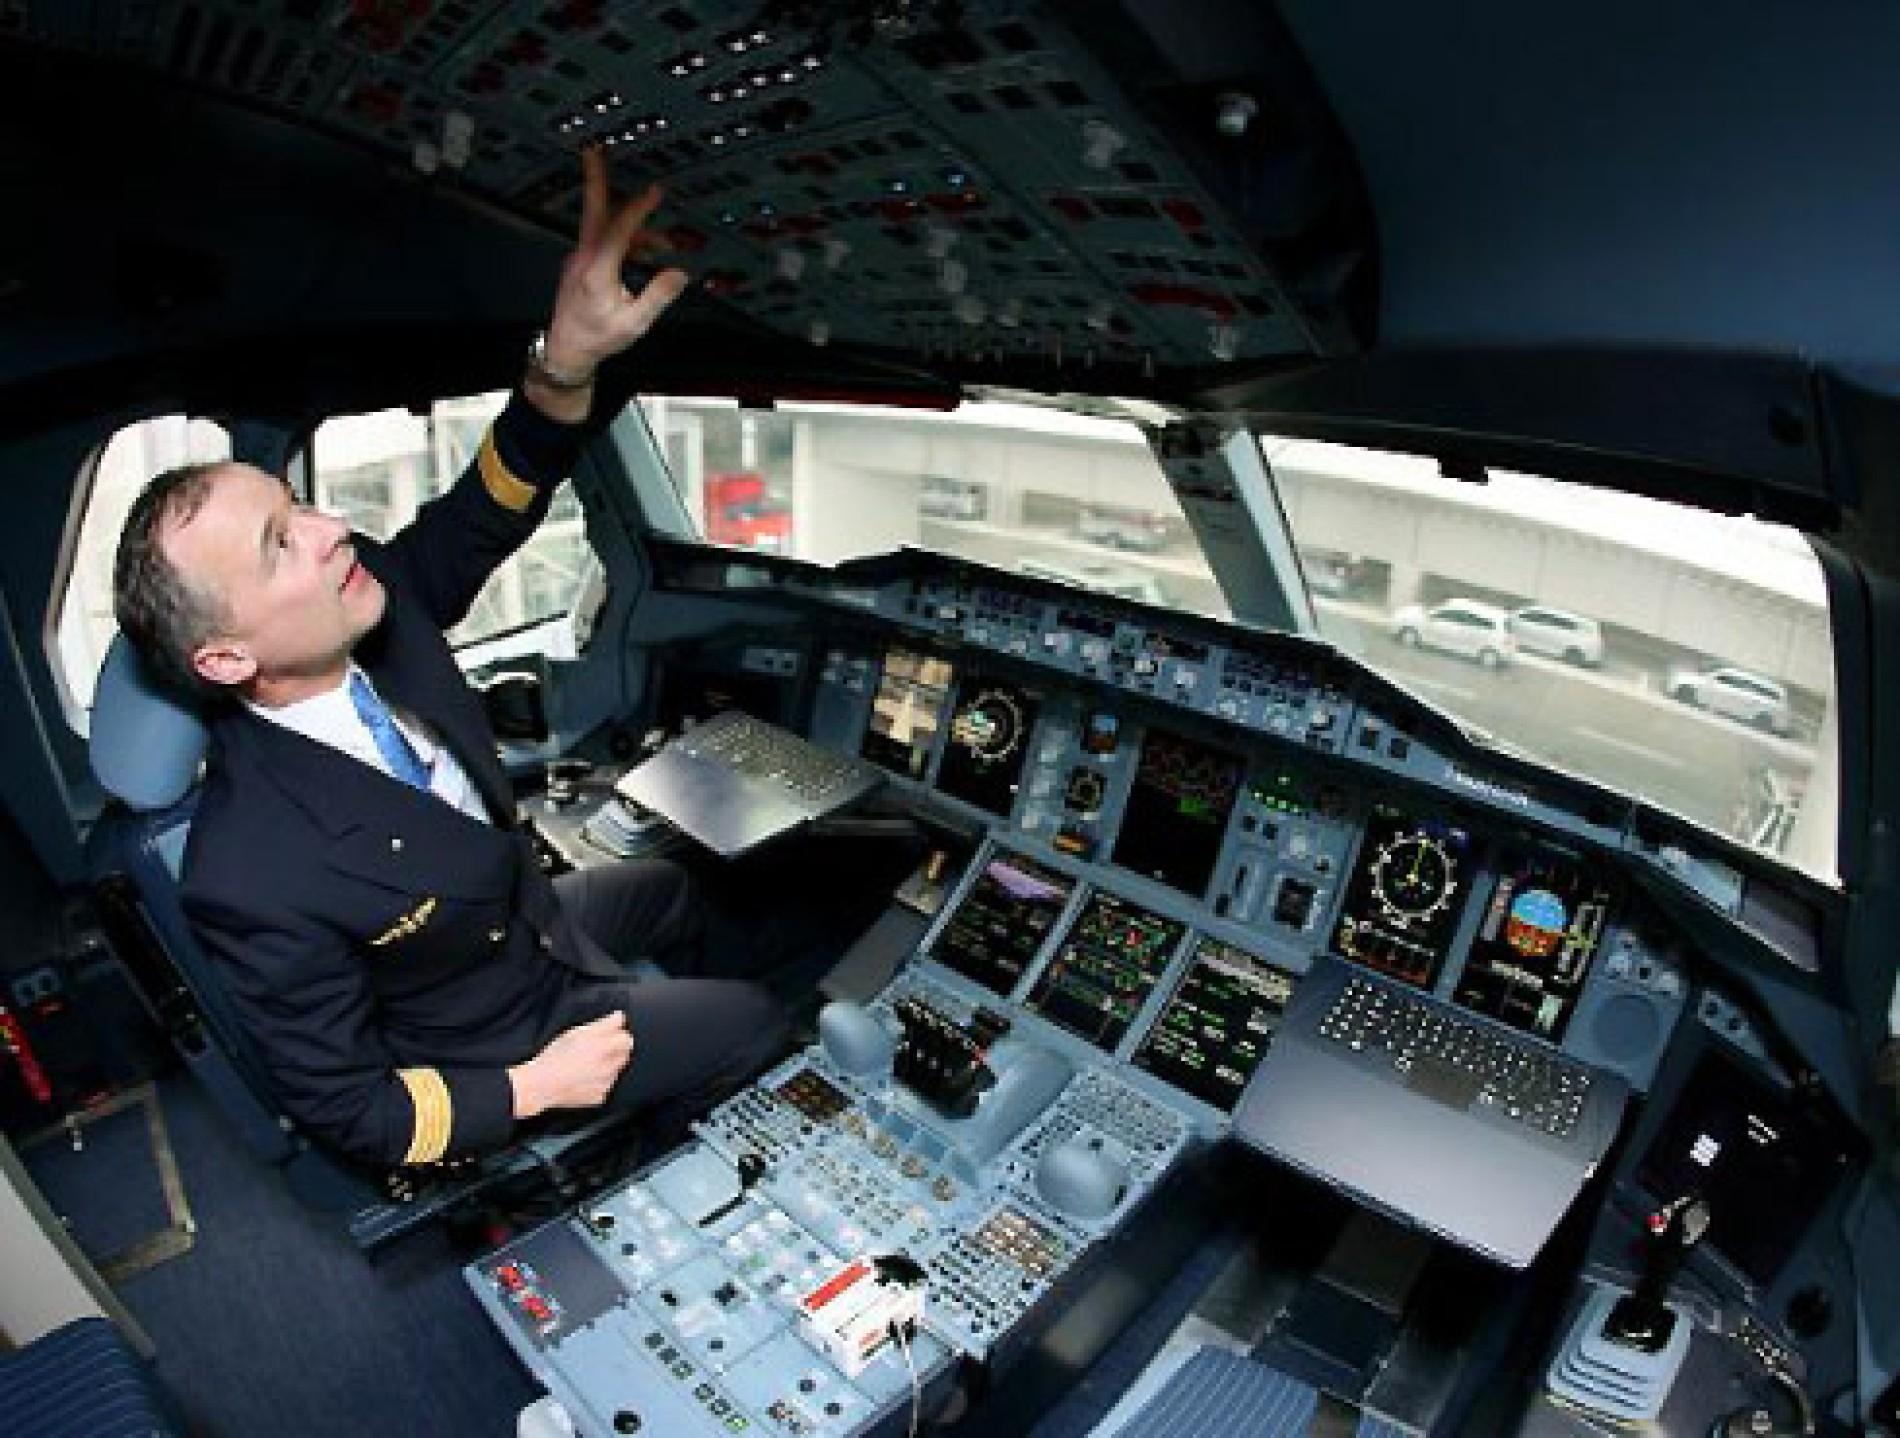 Pilotenausbildung: Nur die Besten heben ab - Beruf - FAZ